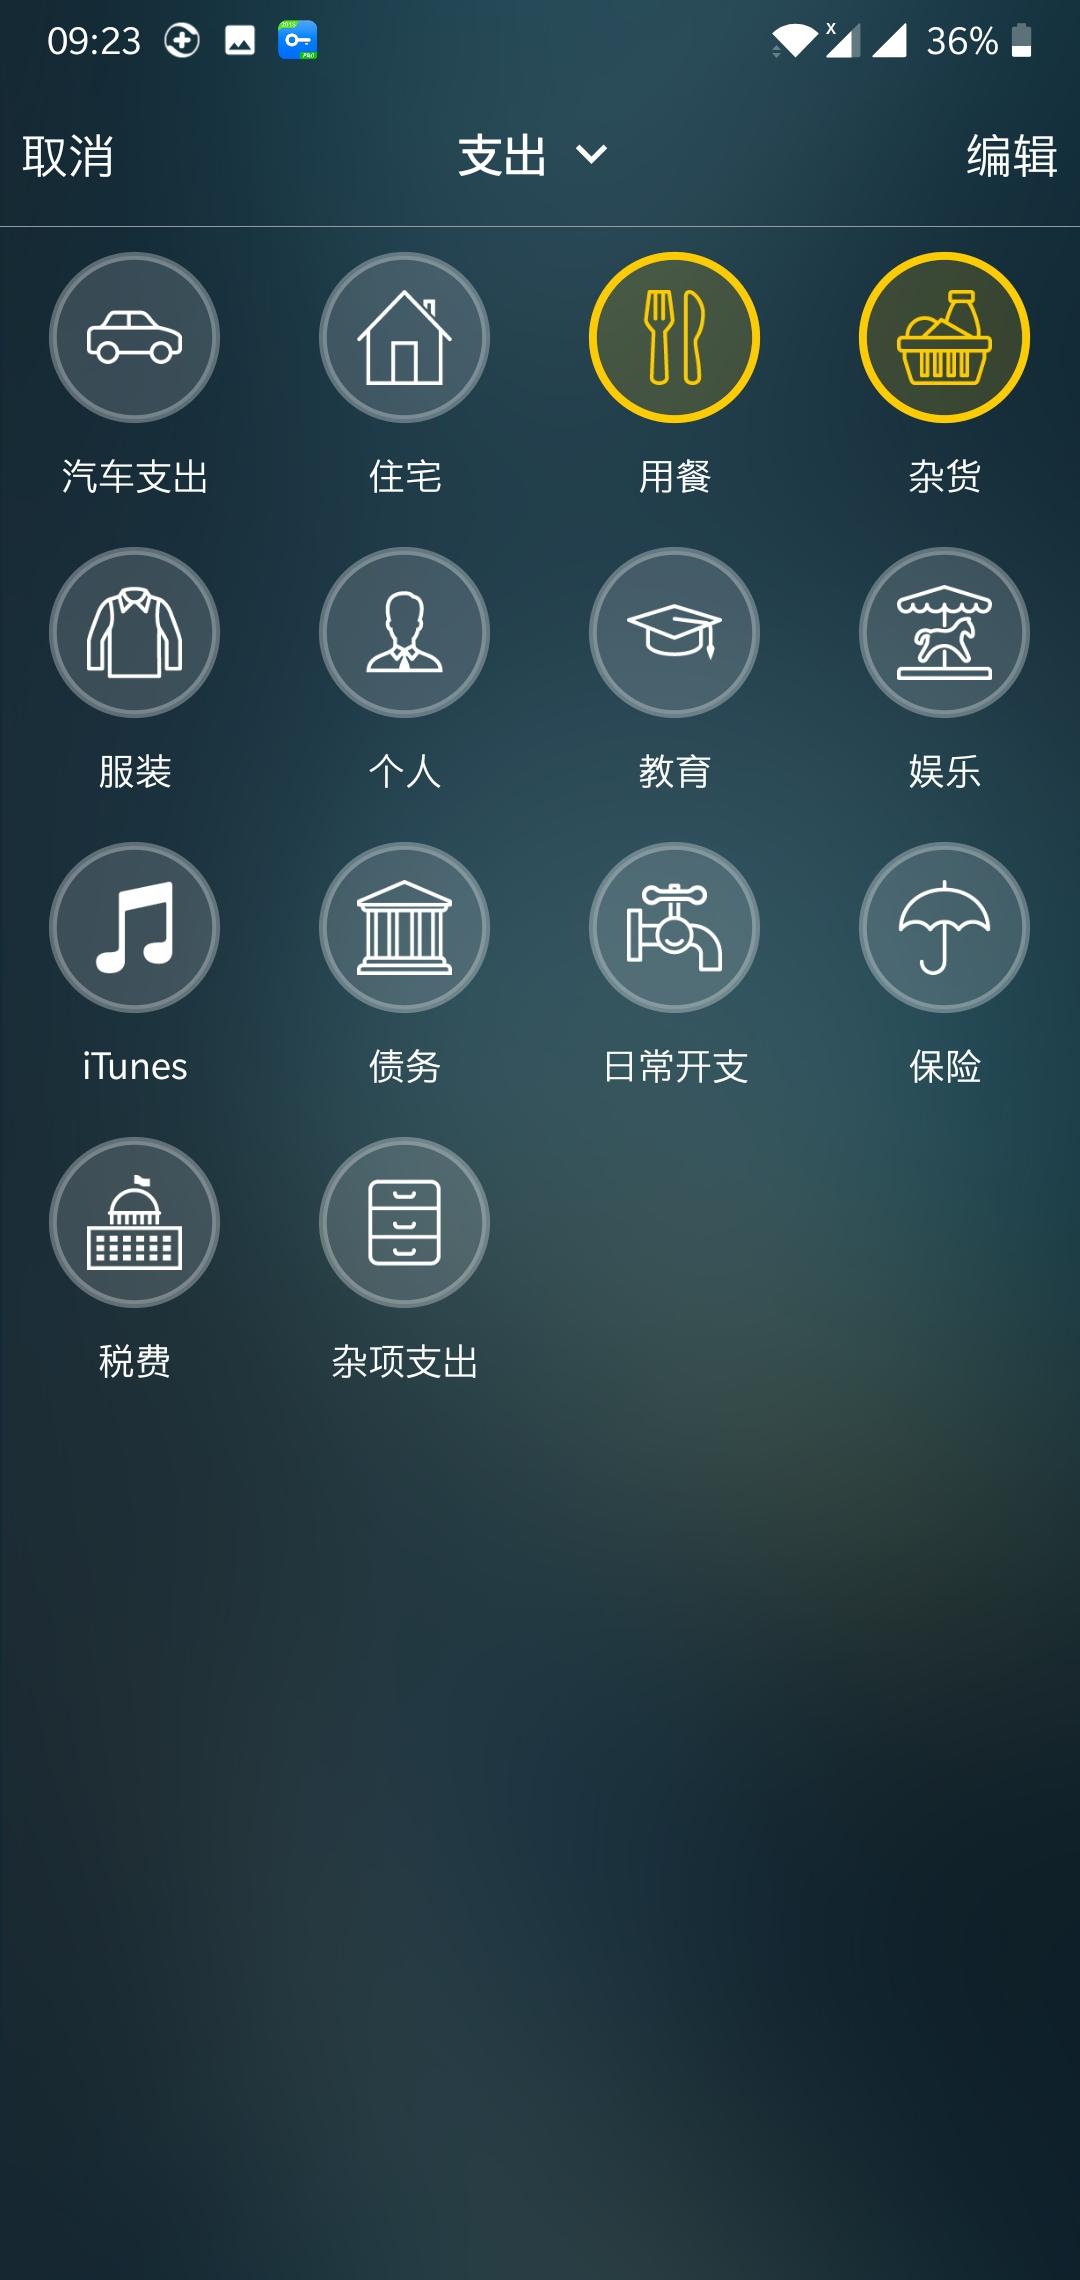 Screenshot_20181030-092320.jpg